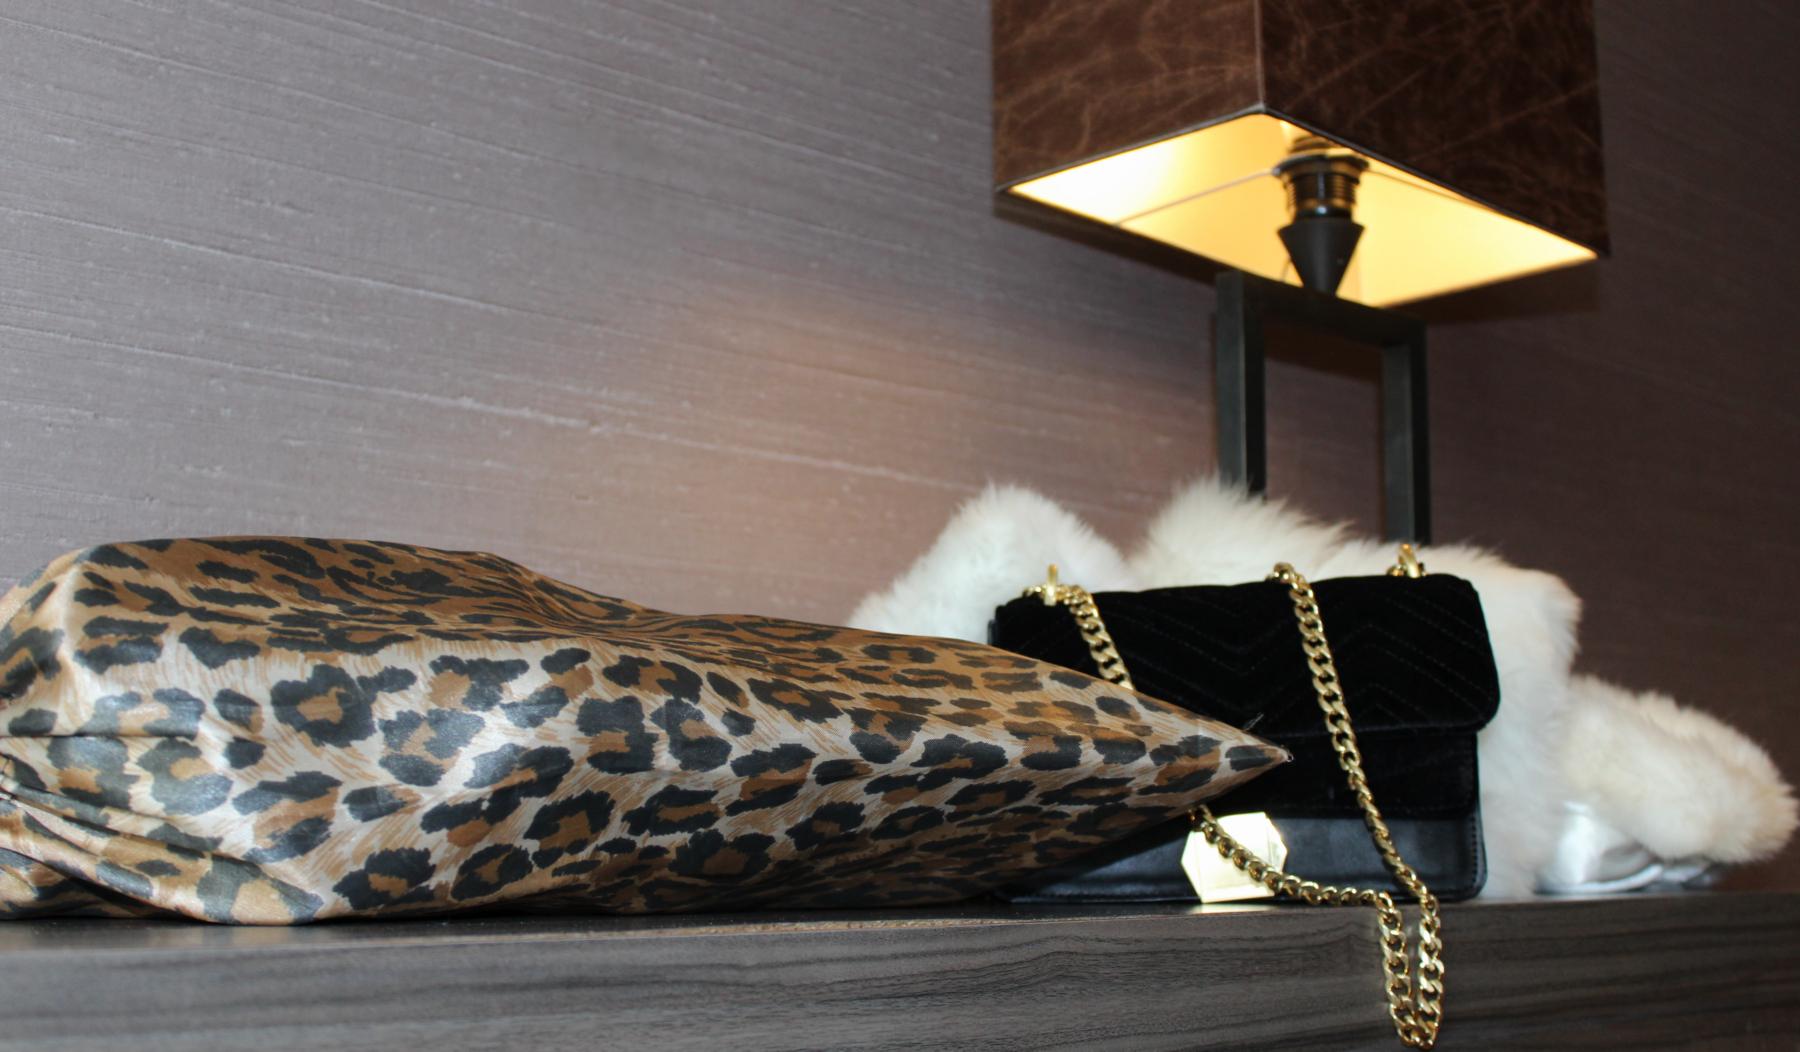 lamp bag 1800x1000 - My Rates